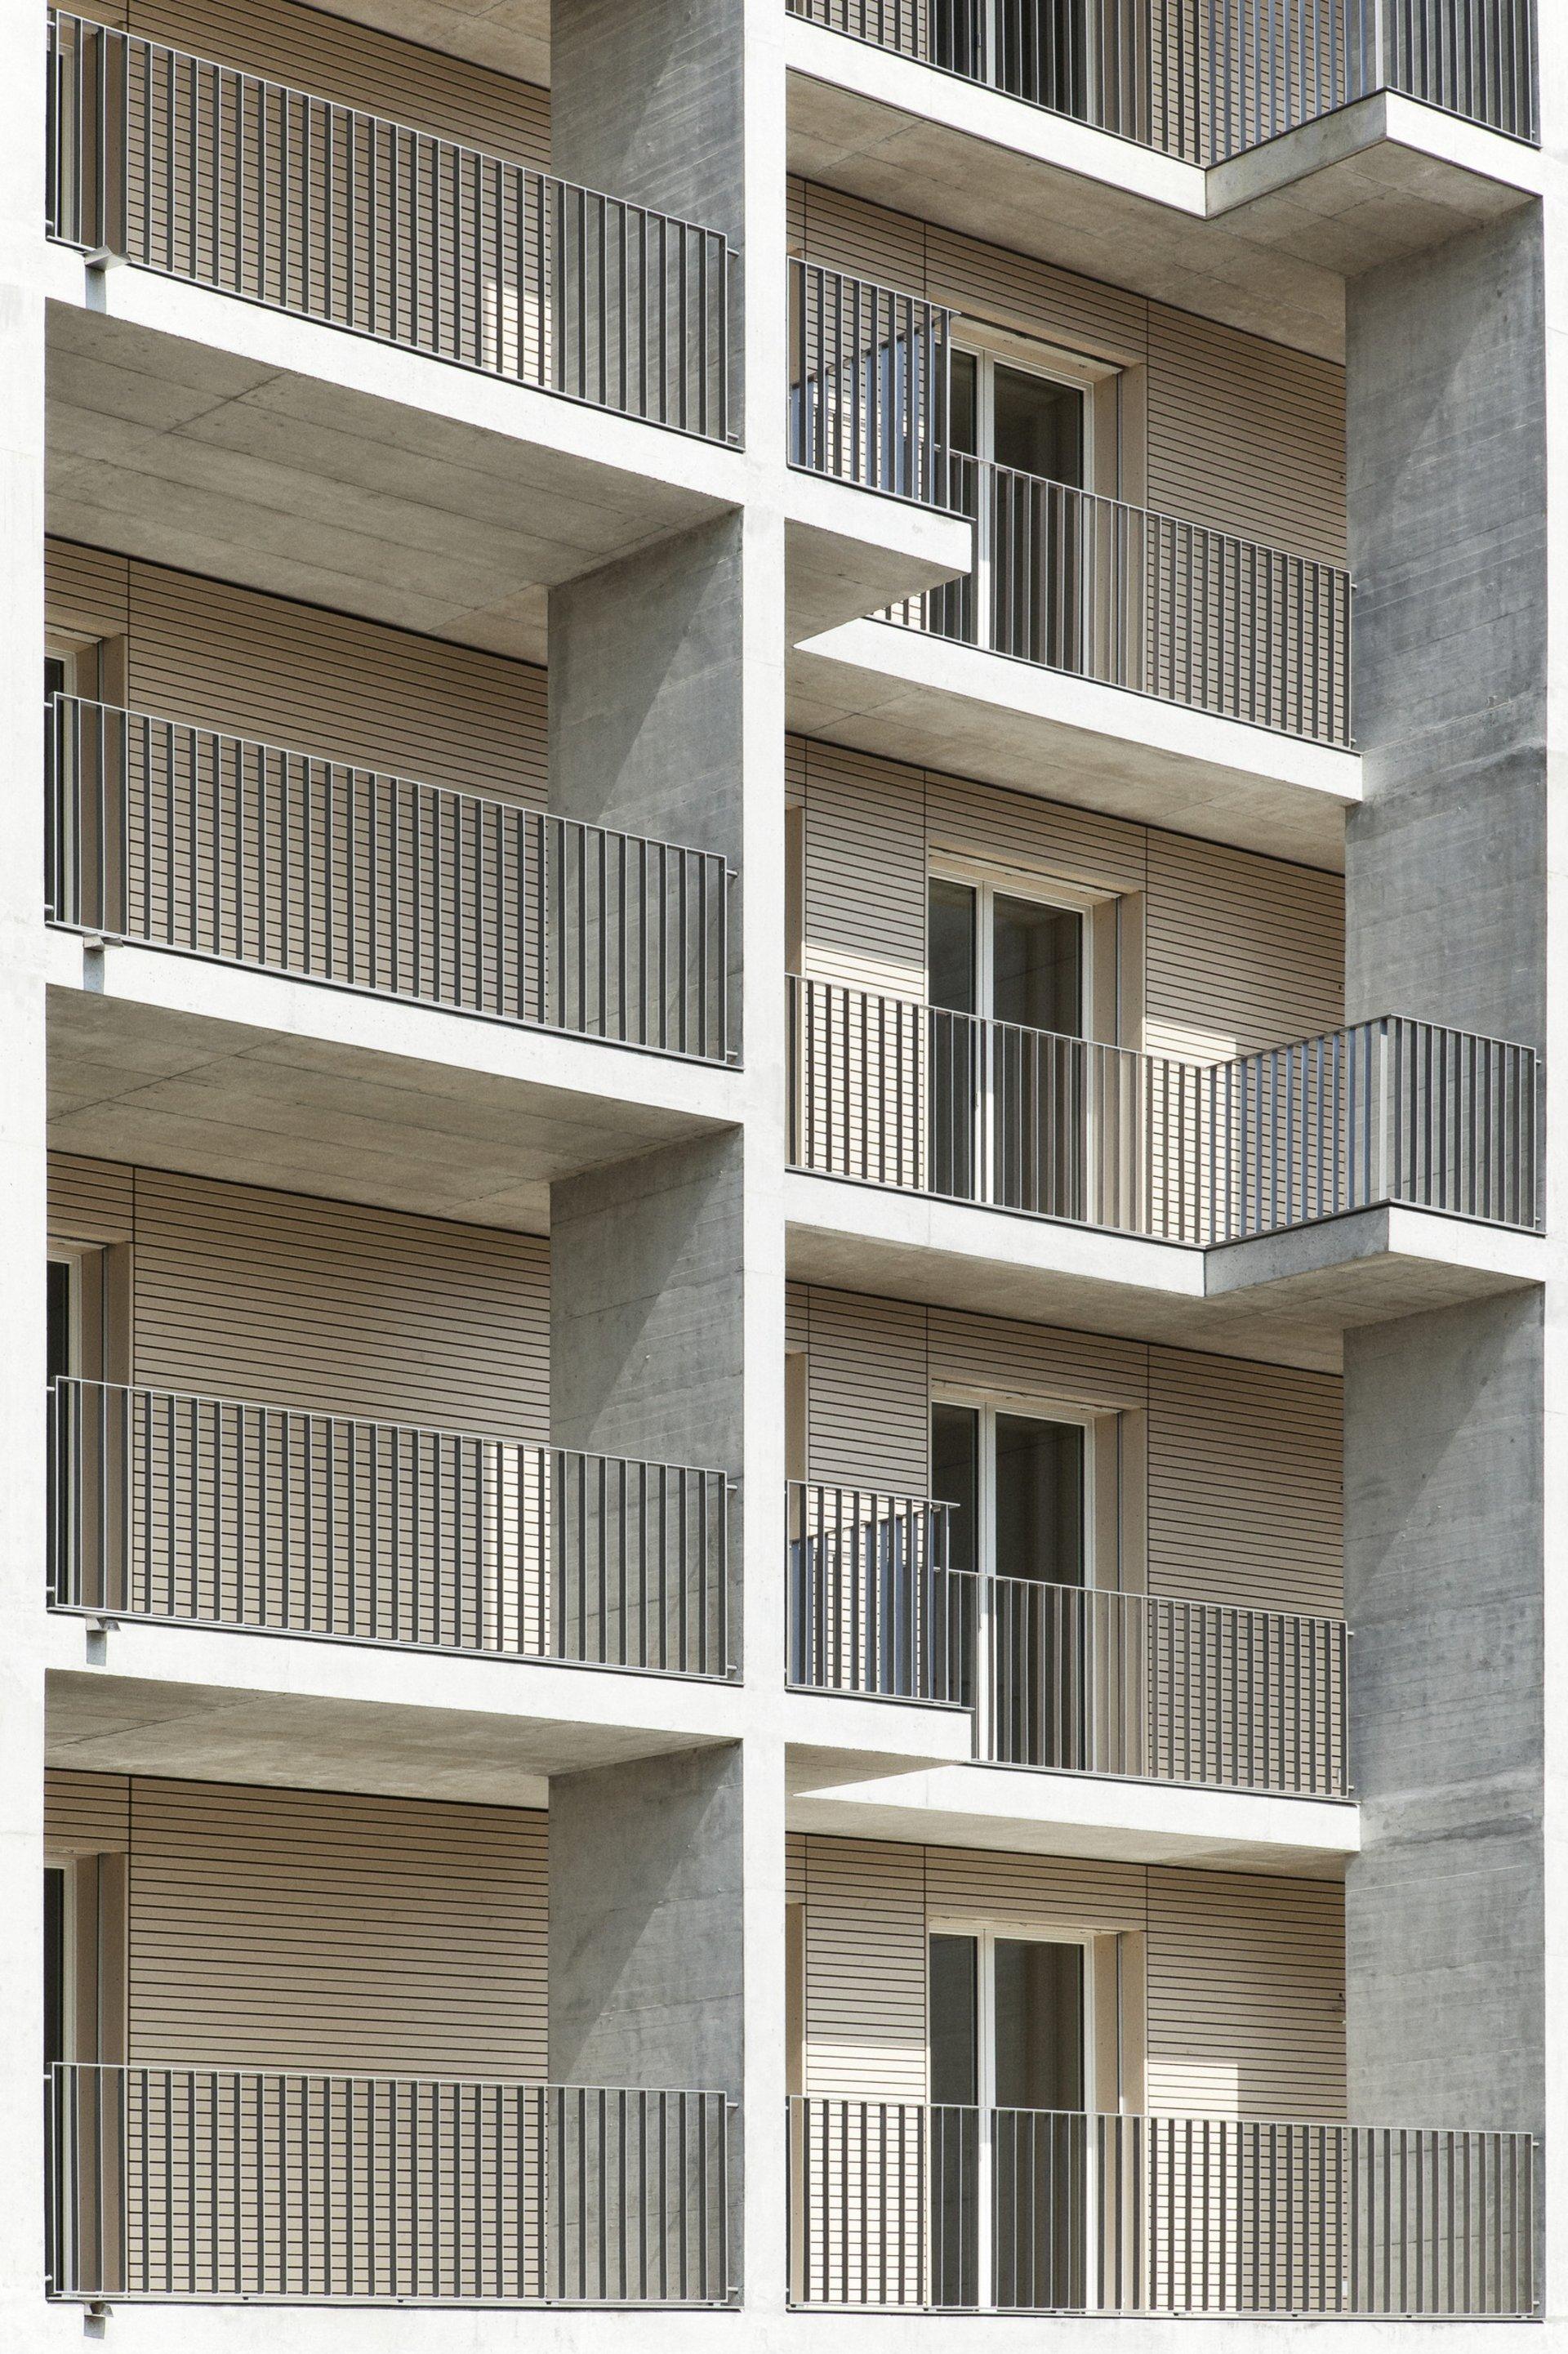 Grande fenêtre lumineuse donnant sur le balcon